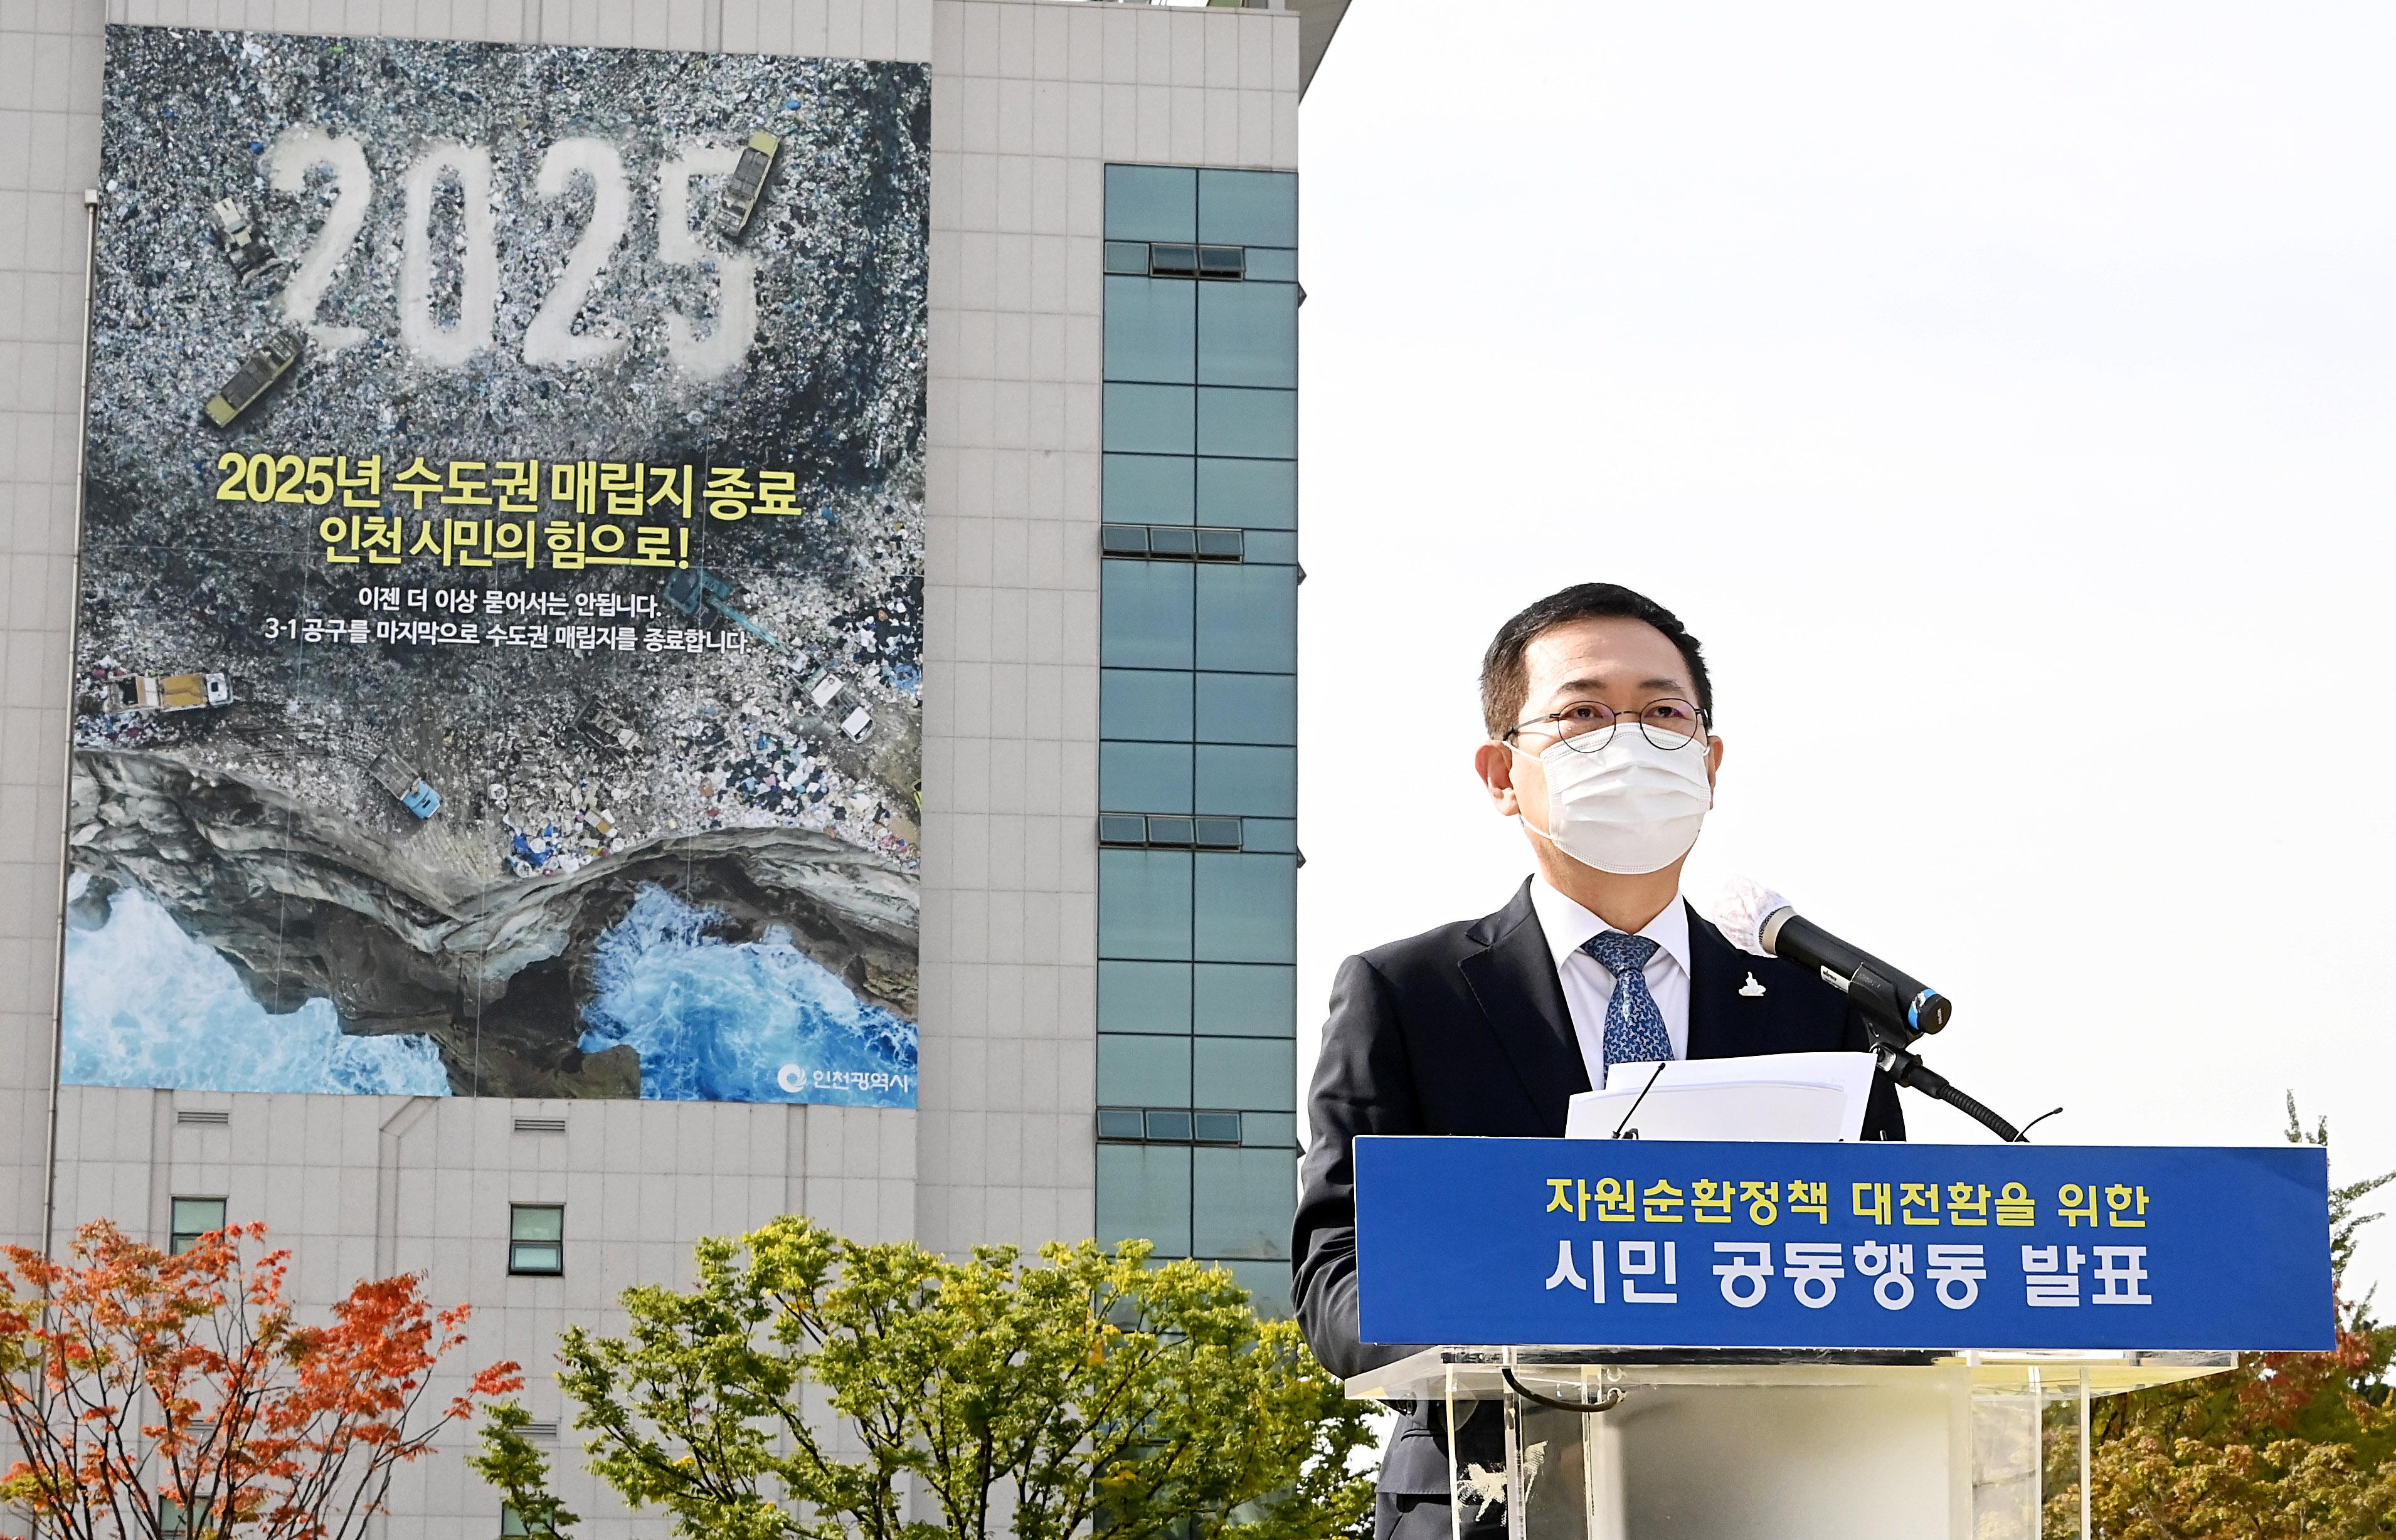 2025 수도권 매립지 종료 관련 발언하는 박남춘 인천시장